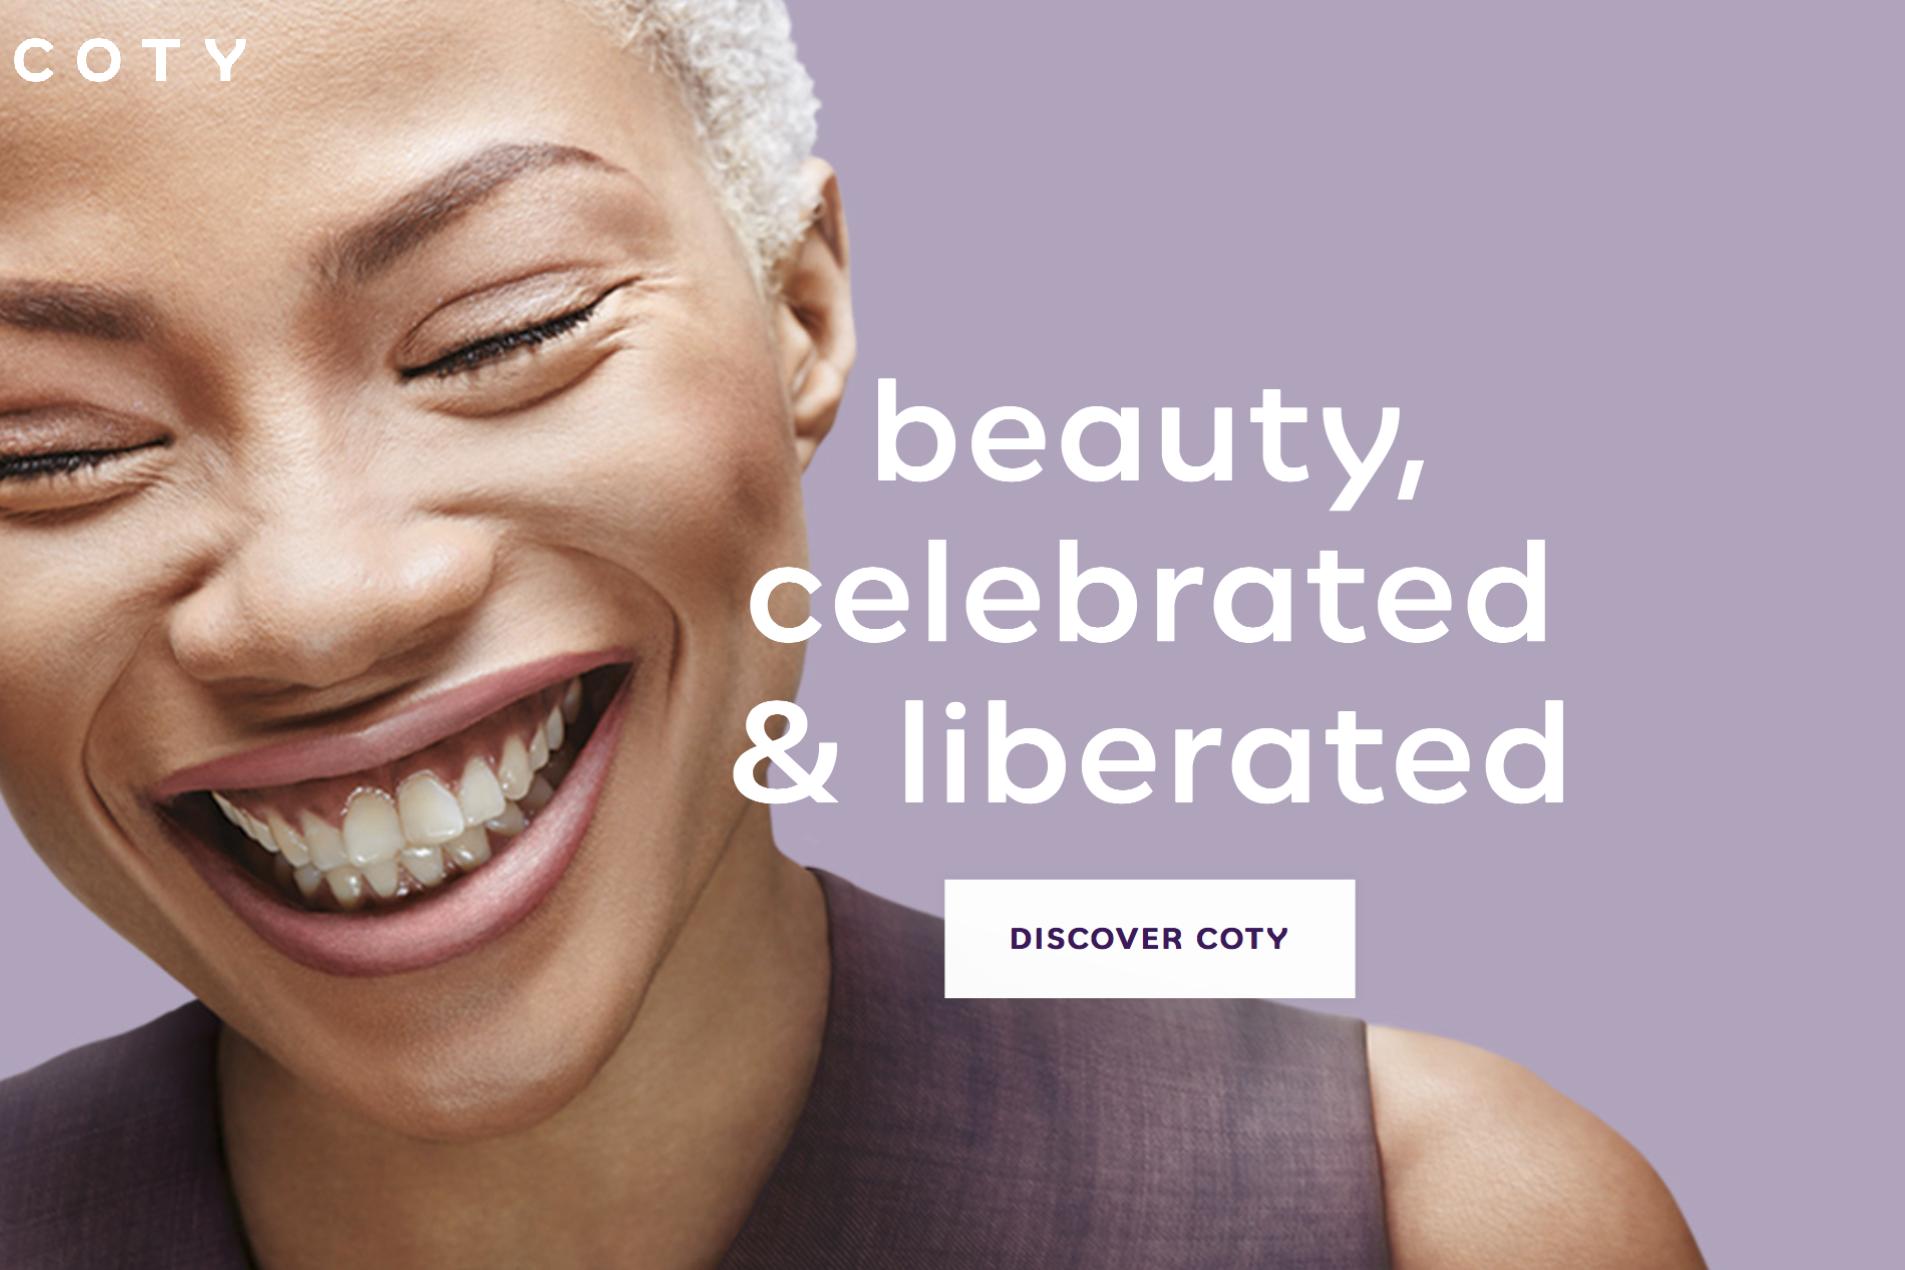 美国美妆巨头 Coty最新季报:奢华和专业产品表现稳定,大众产品持续疲软